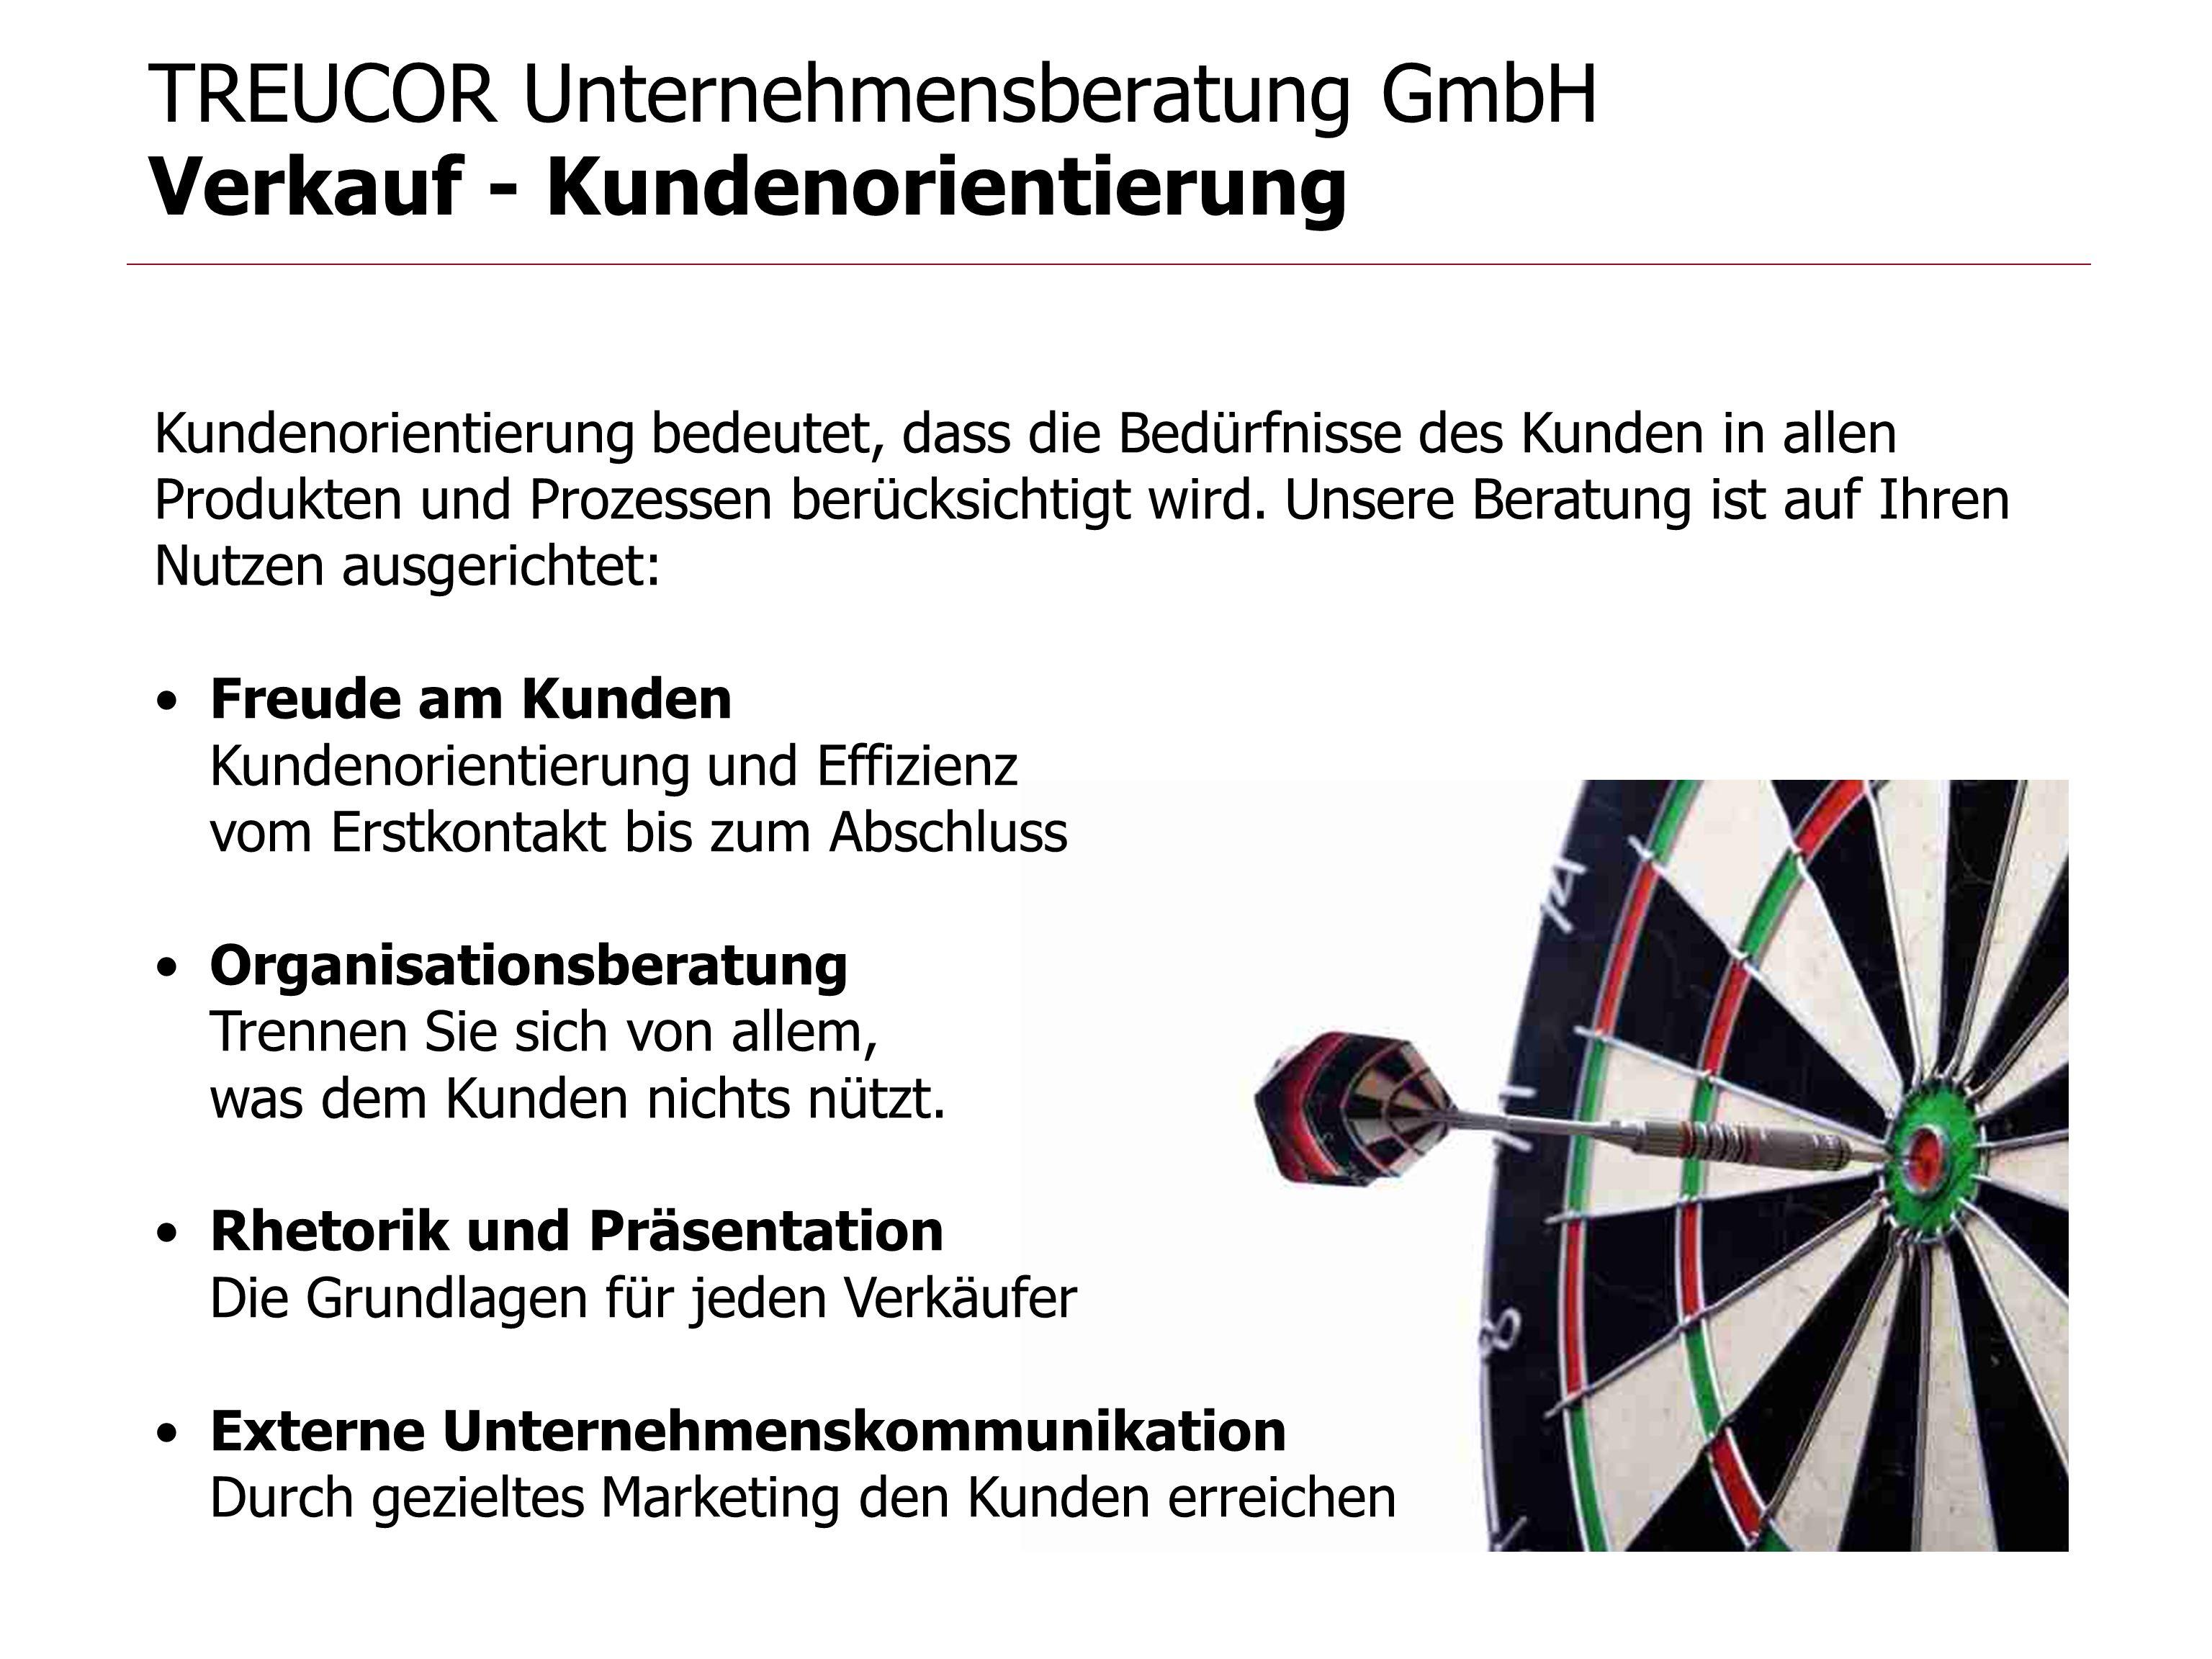 TREUCOR Unternehmensberatung GmbH Verkauf - Kundenorientierung